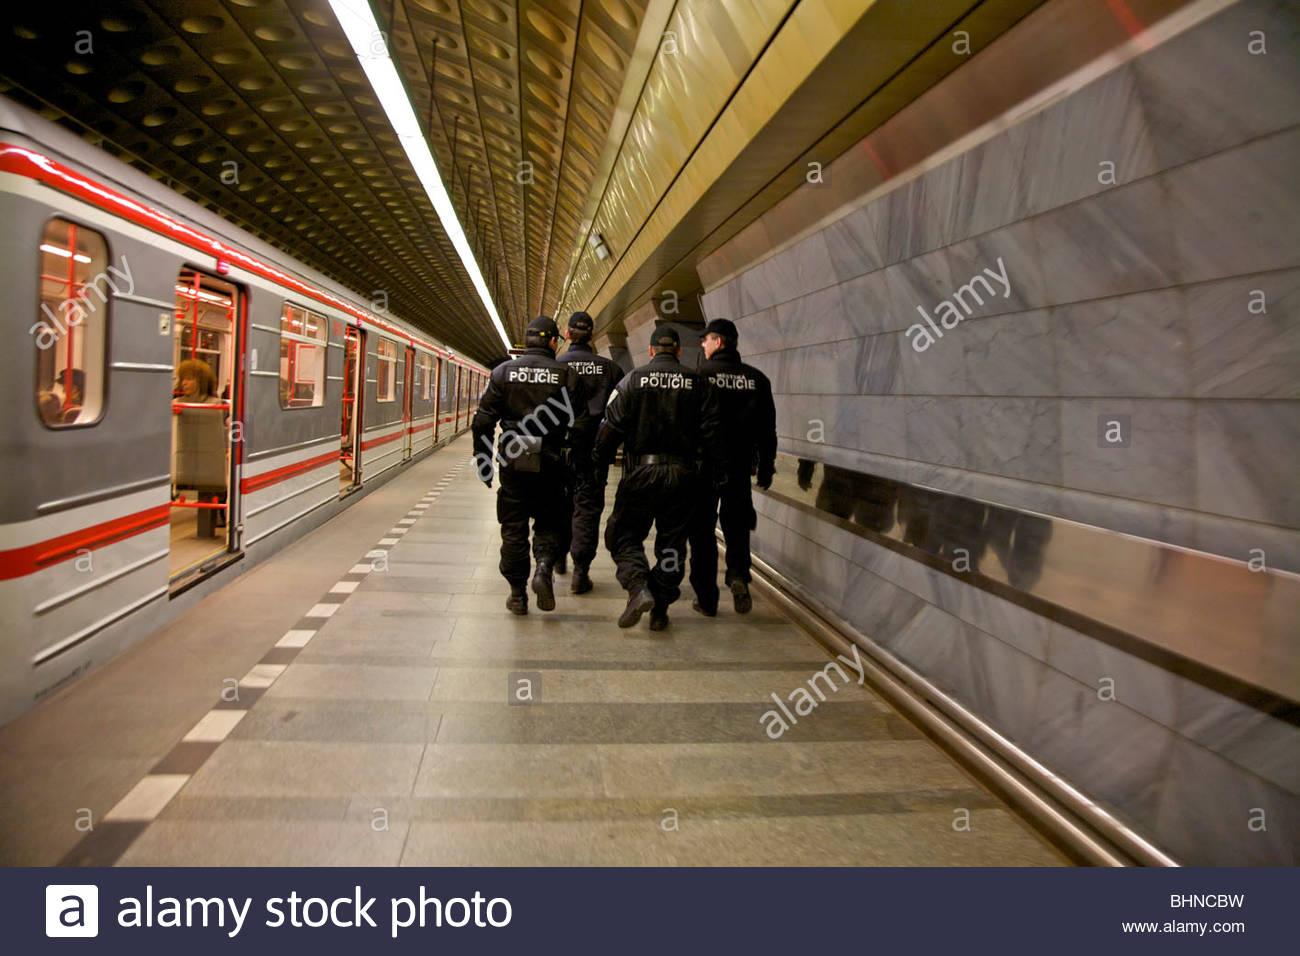 La polizia di Praga nella stazione della metropolitana, Praha, Repubblica Ceca. Immagini Stock